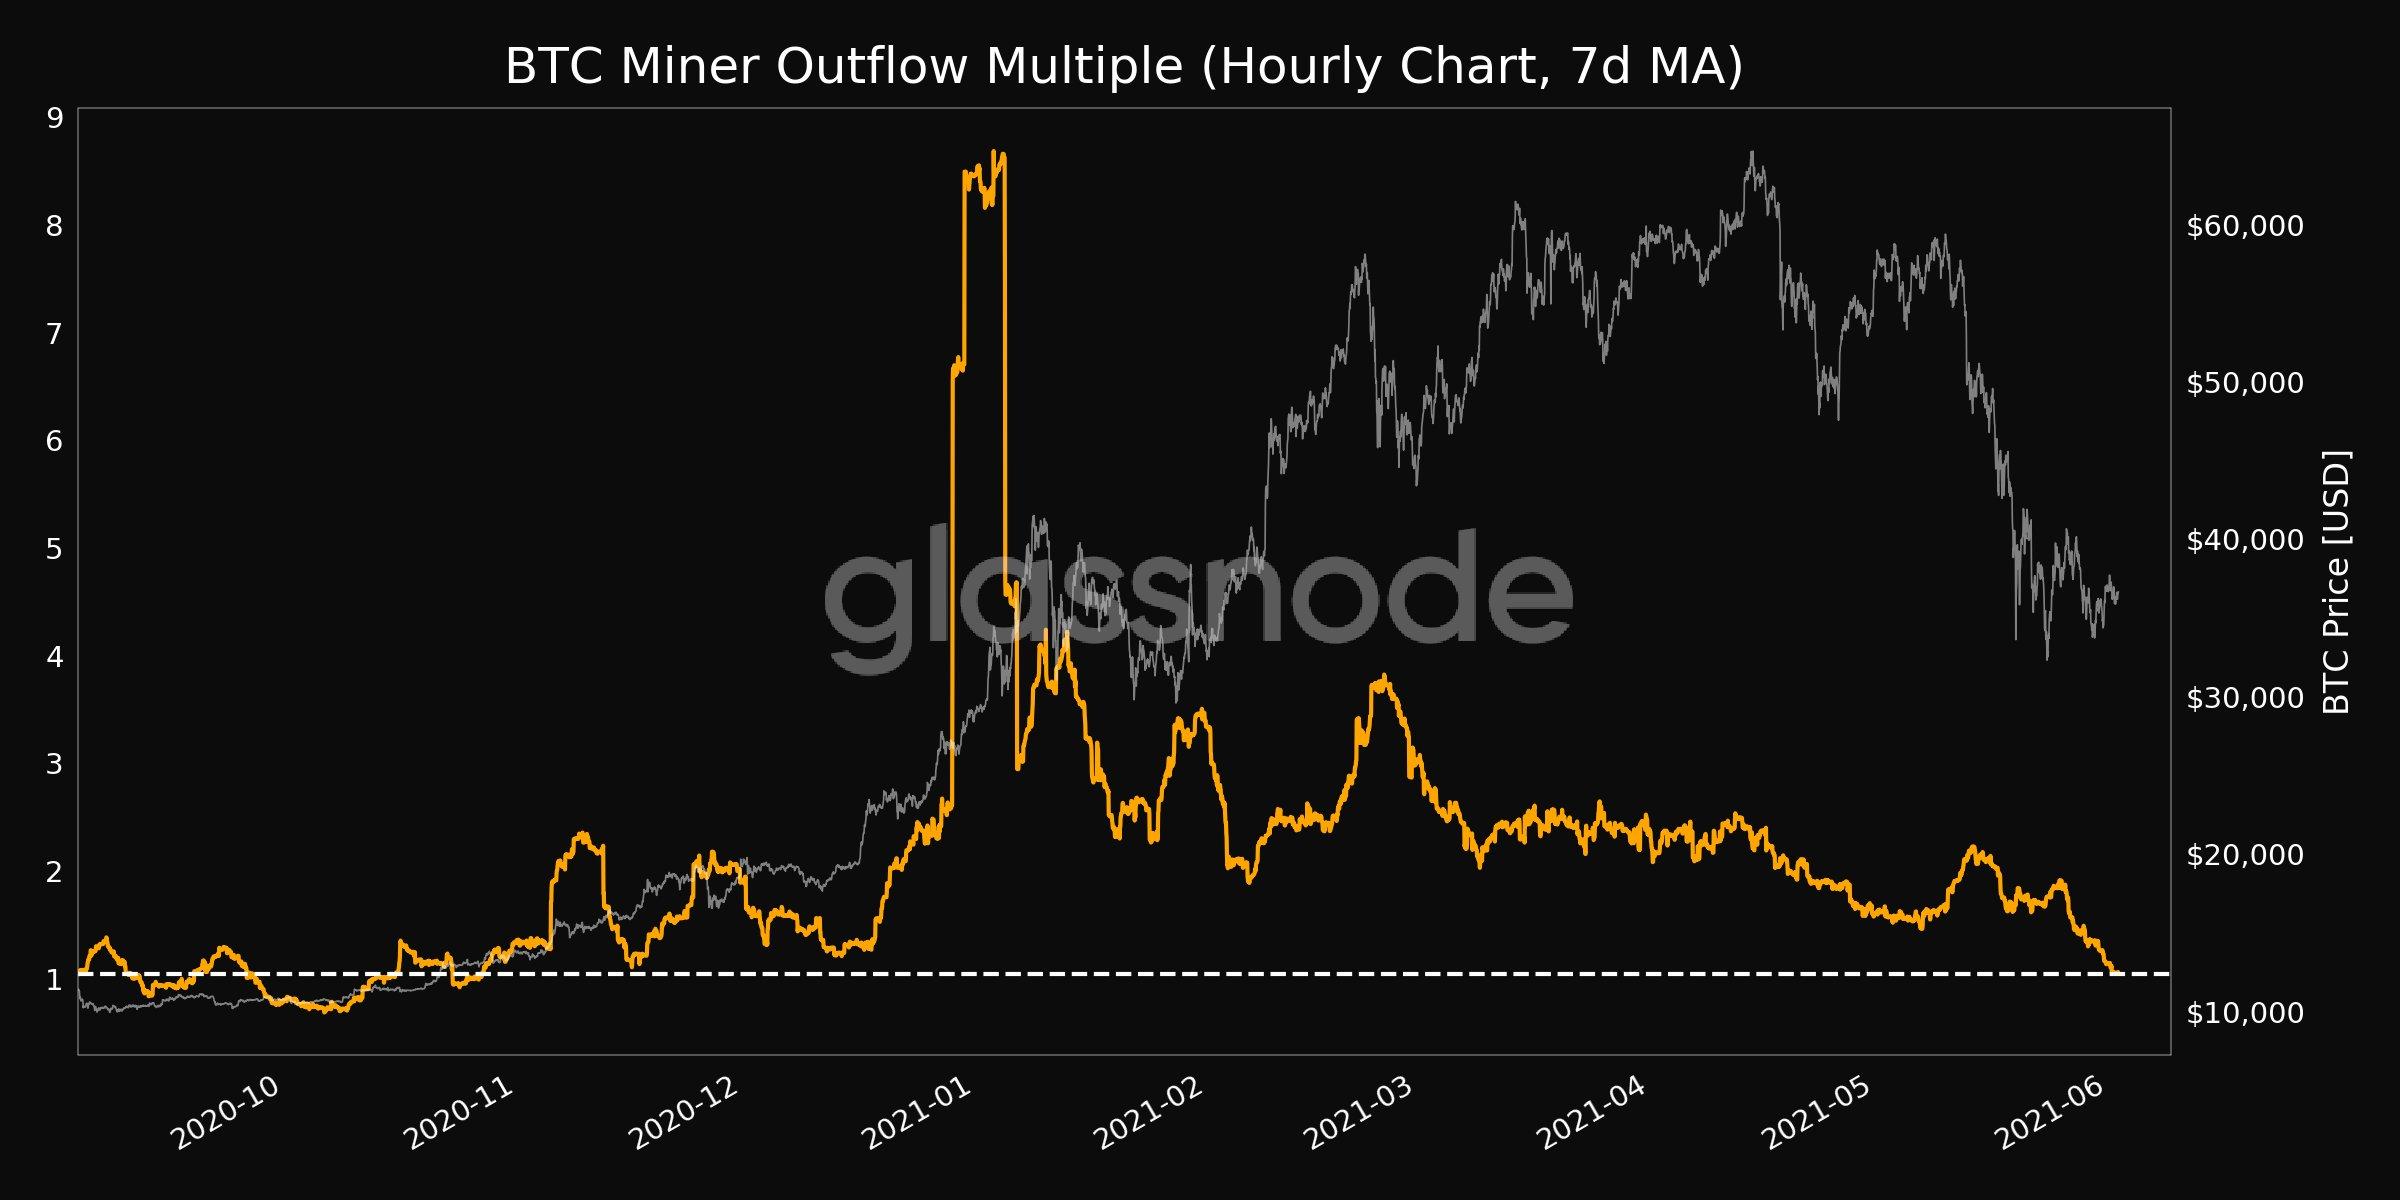 Grafico dei flussi in uscita dei miner di Bitcoin. Fonte: Glassnode/Twitter